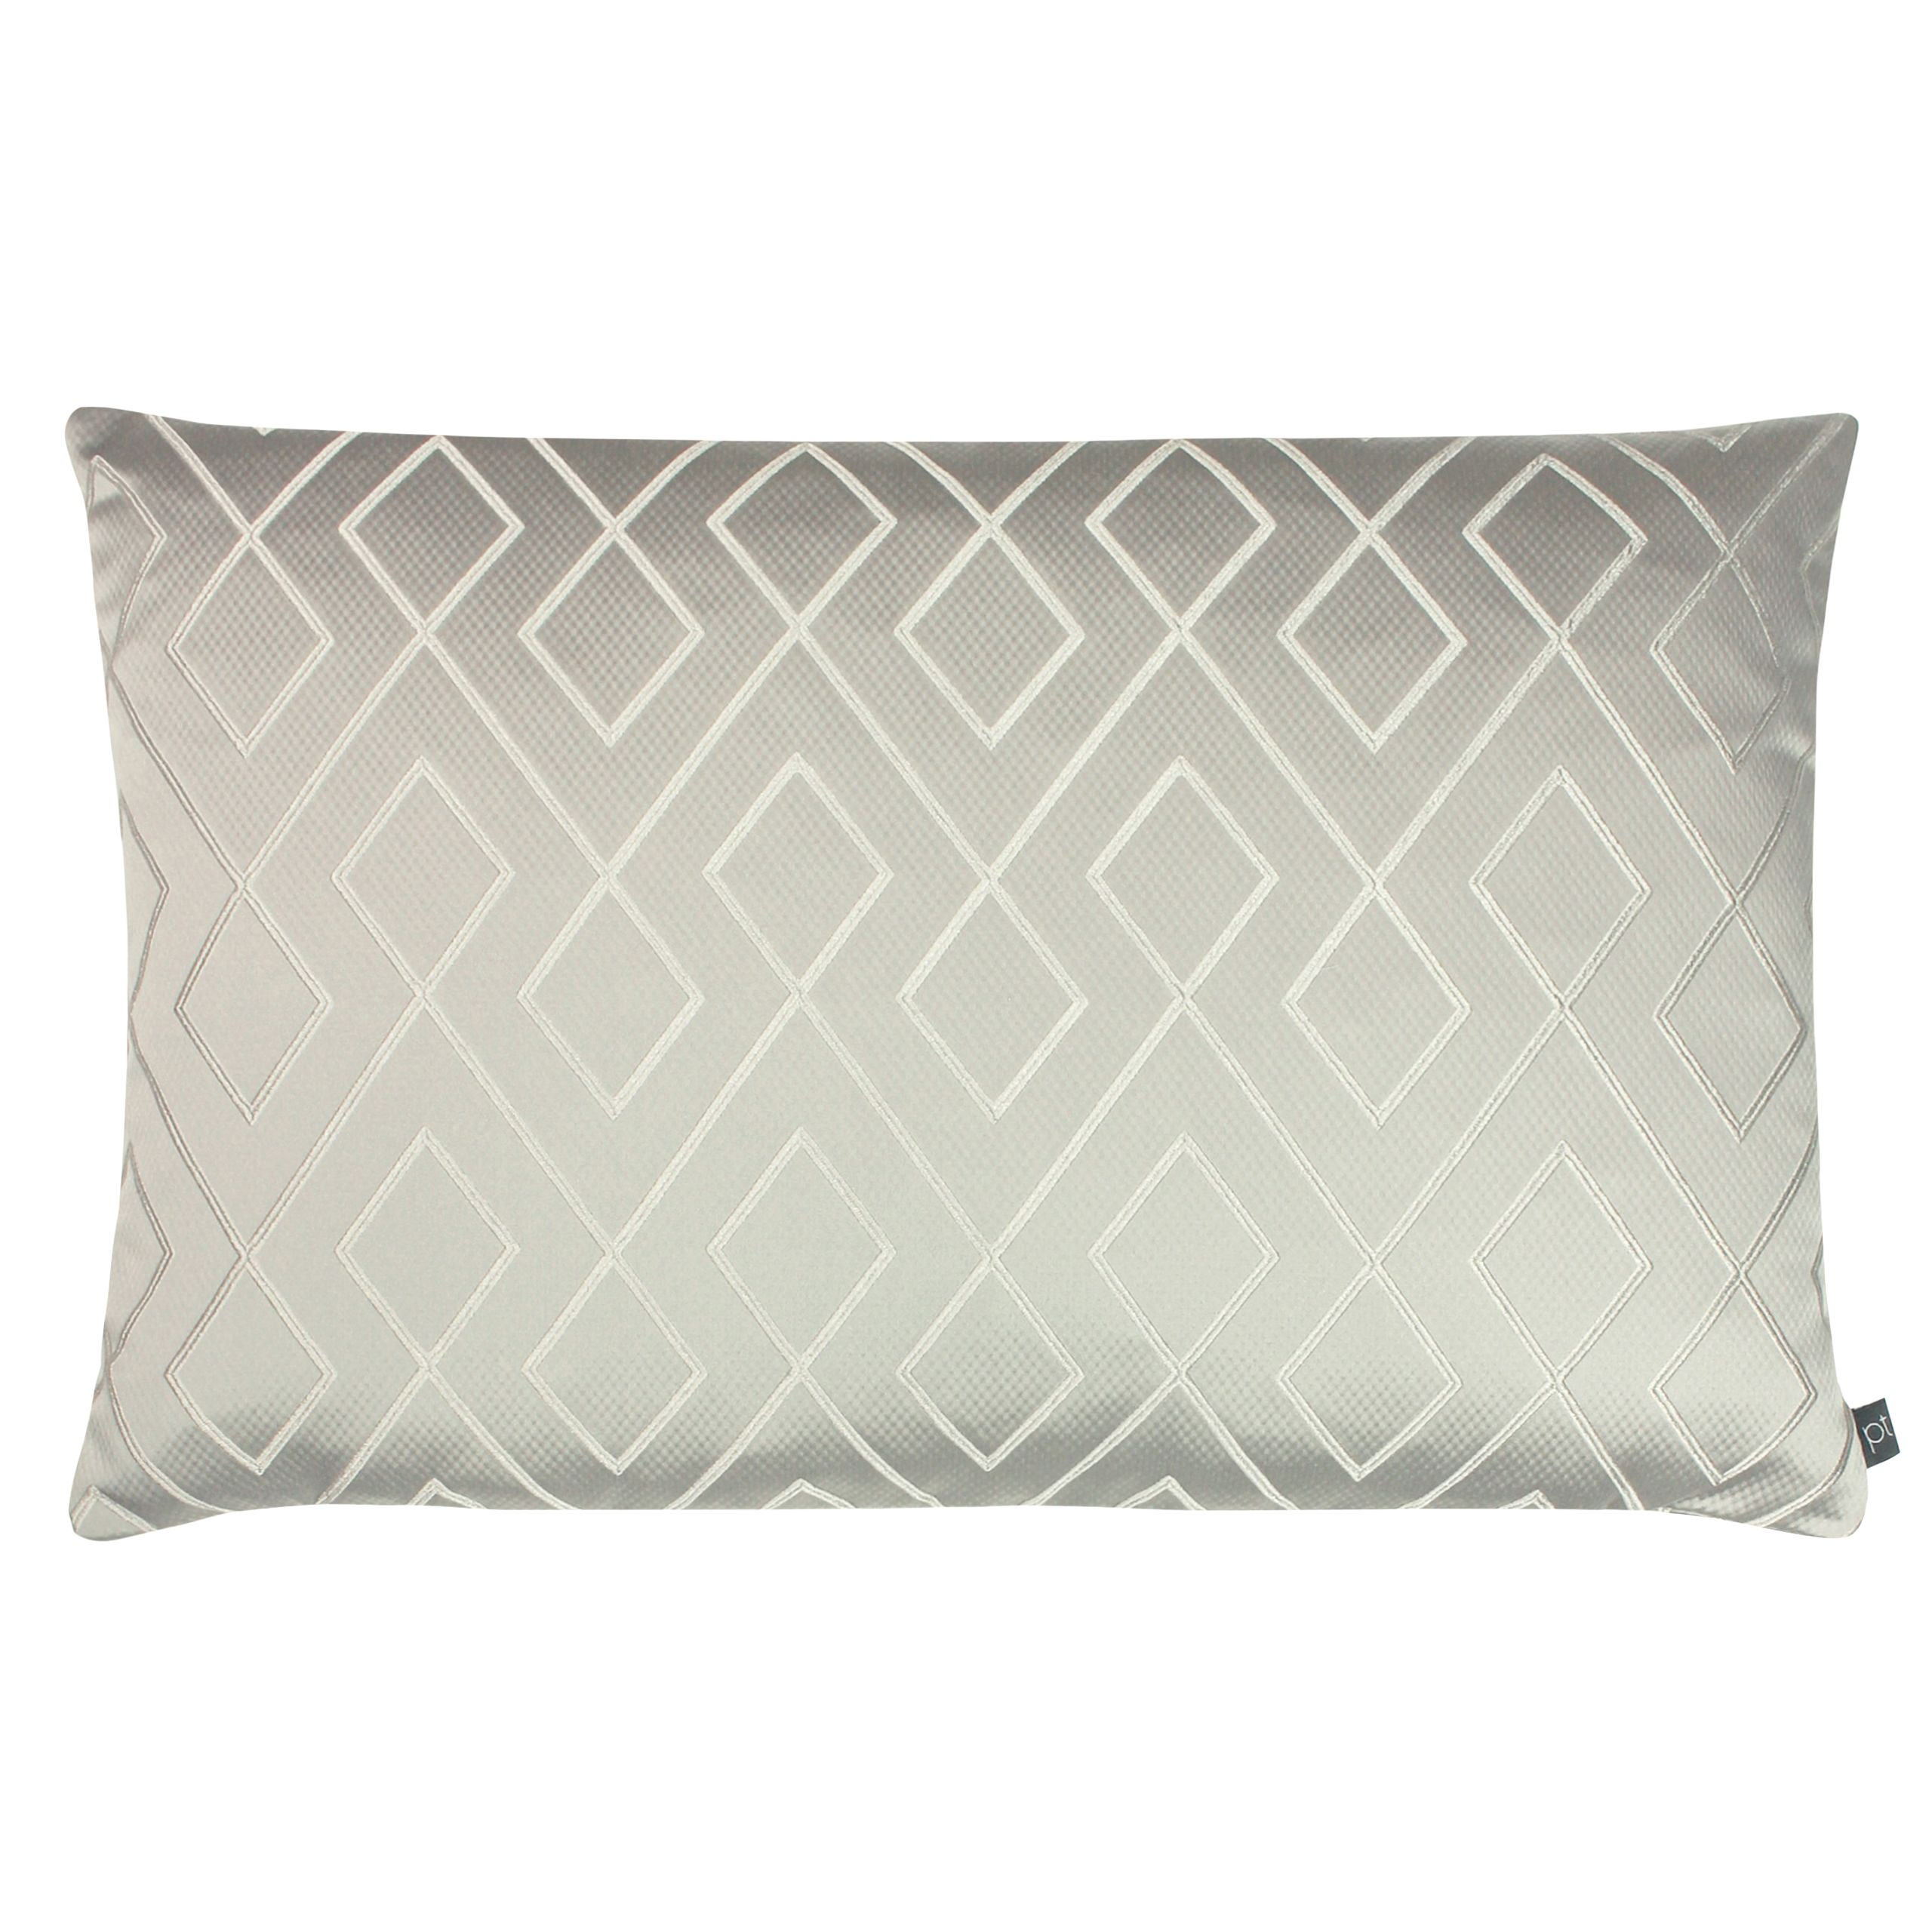 Prestigious Textiles Pivot Polyester Filled Cushion, Polyester, Canvas